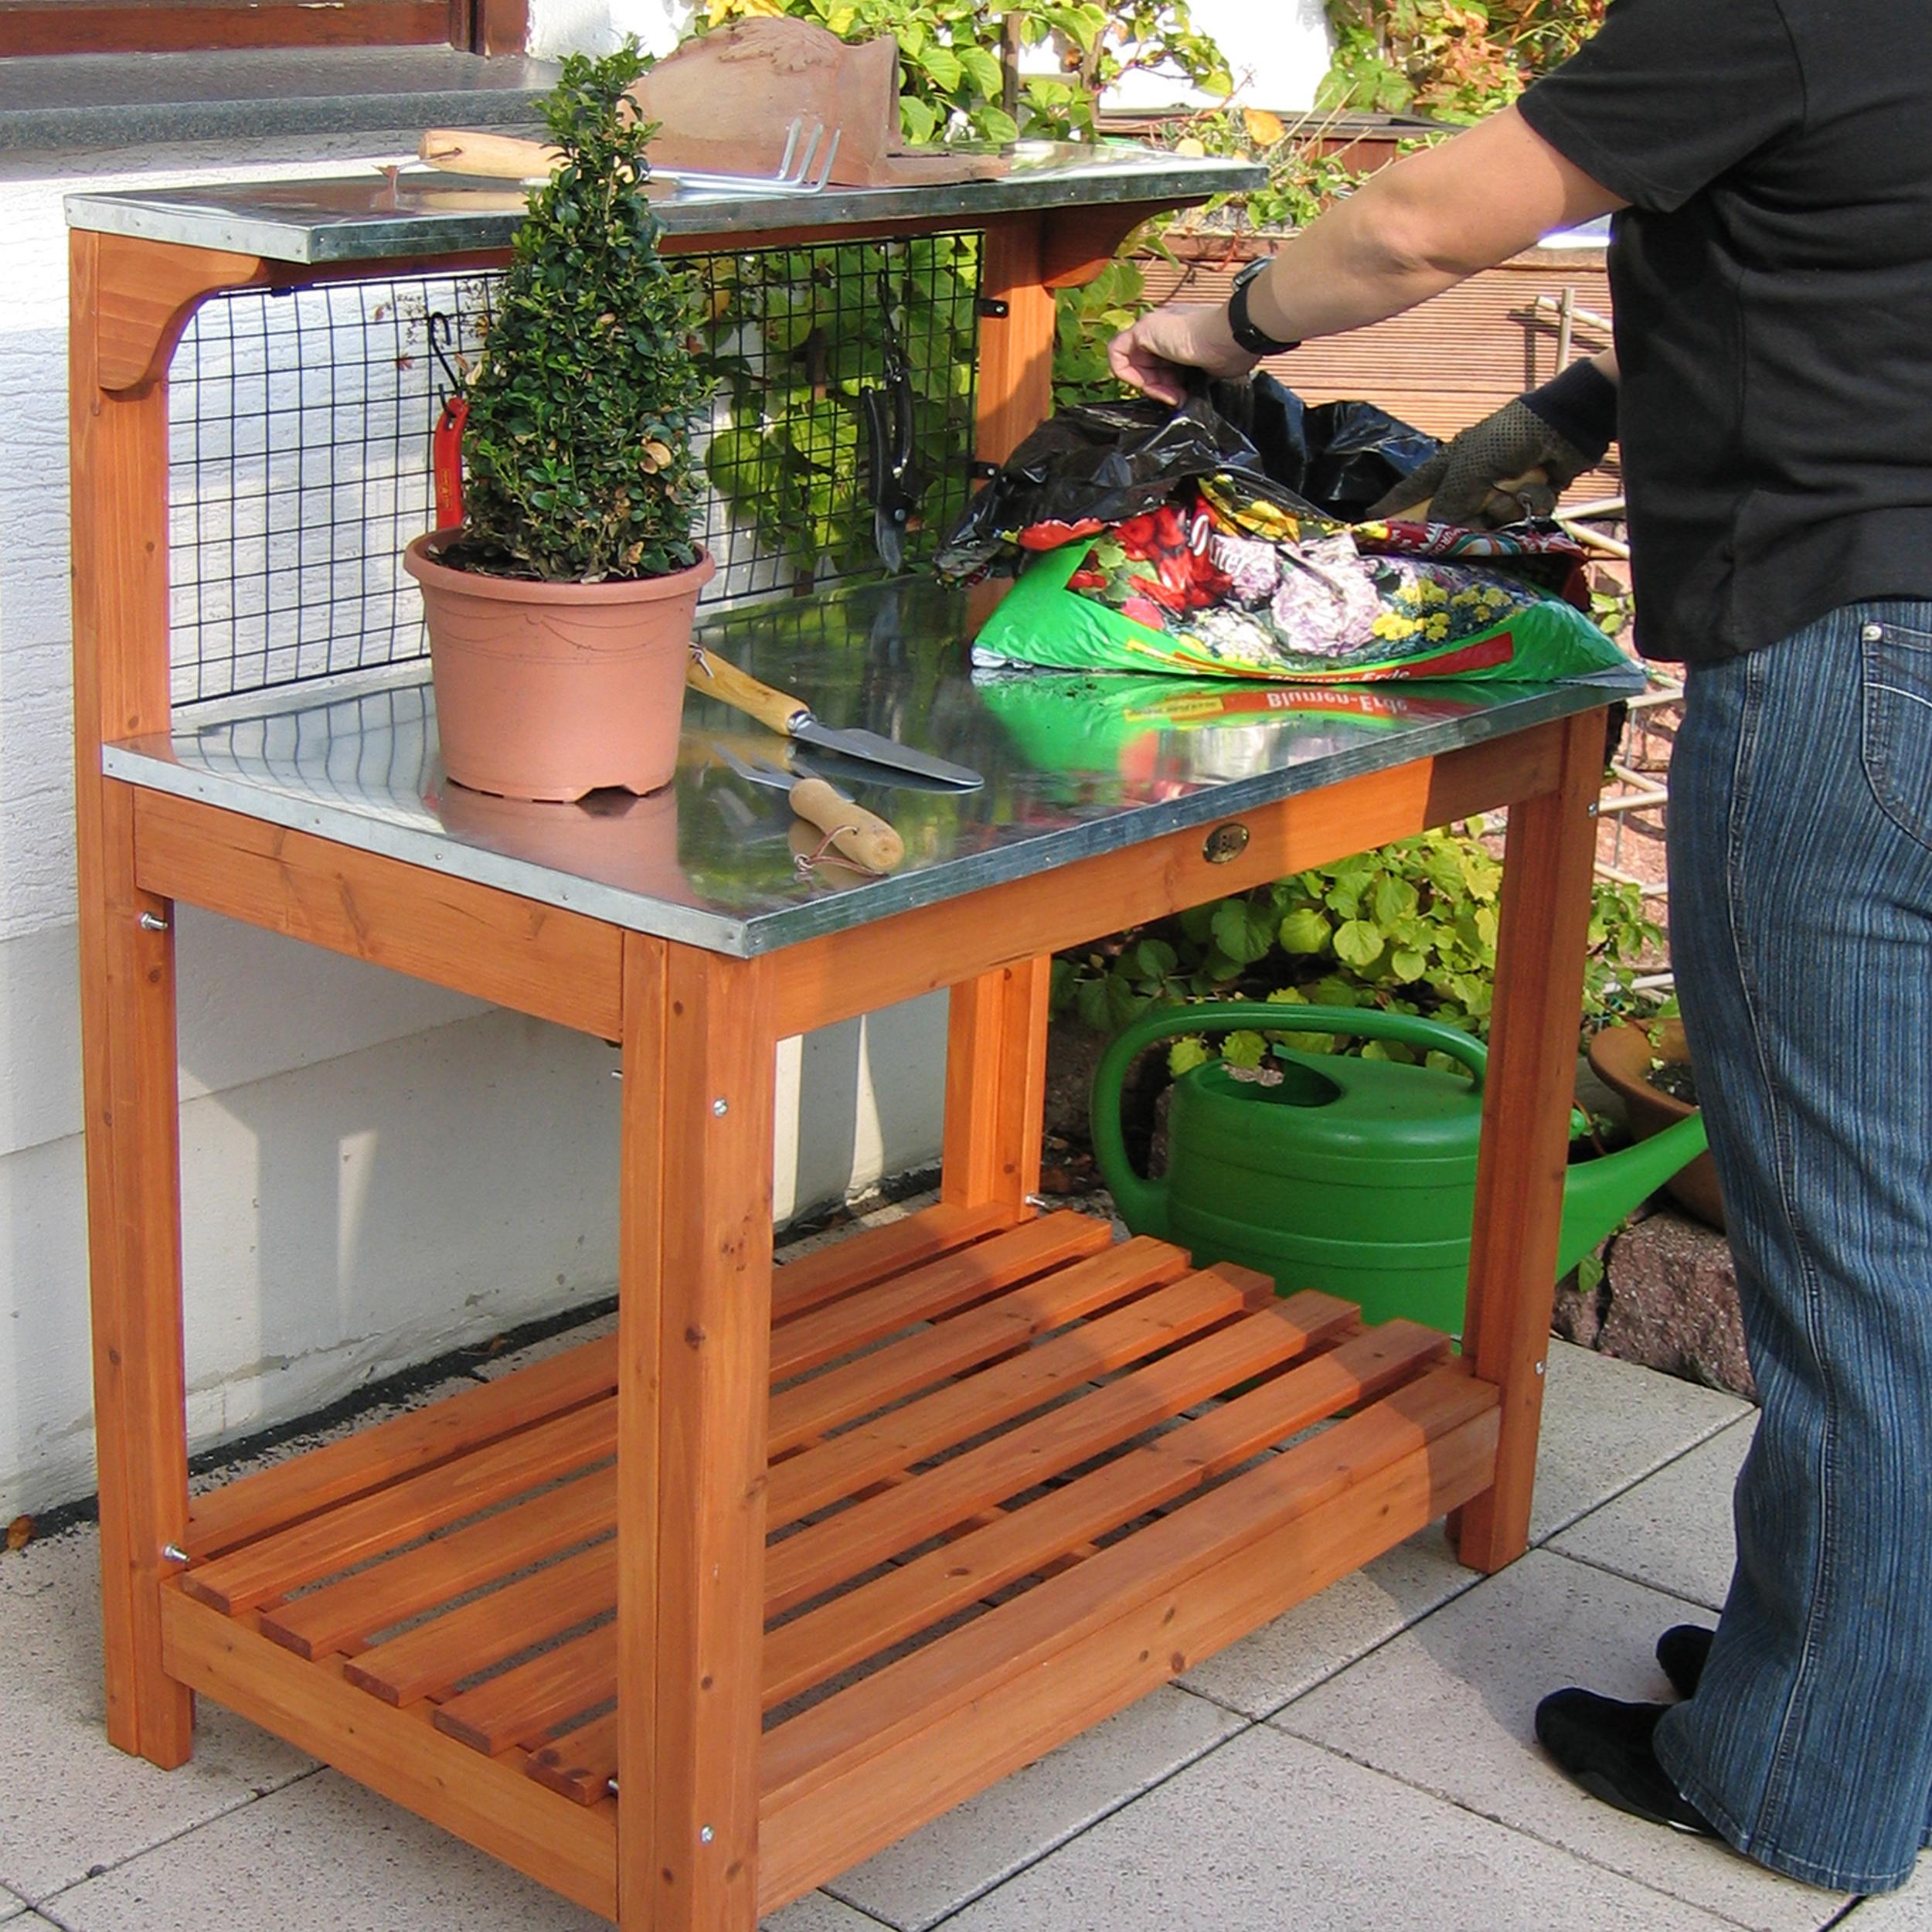 HABAU Gartentisch 695, Anwendungsbeispiel zur Gartenarbeit